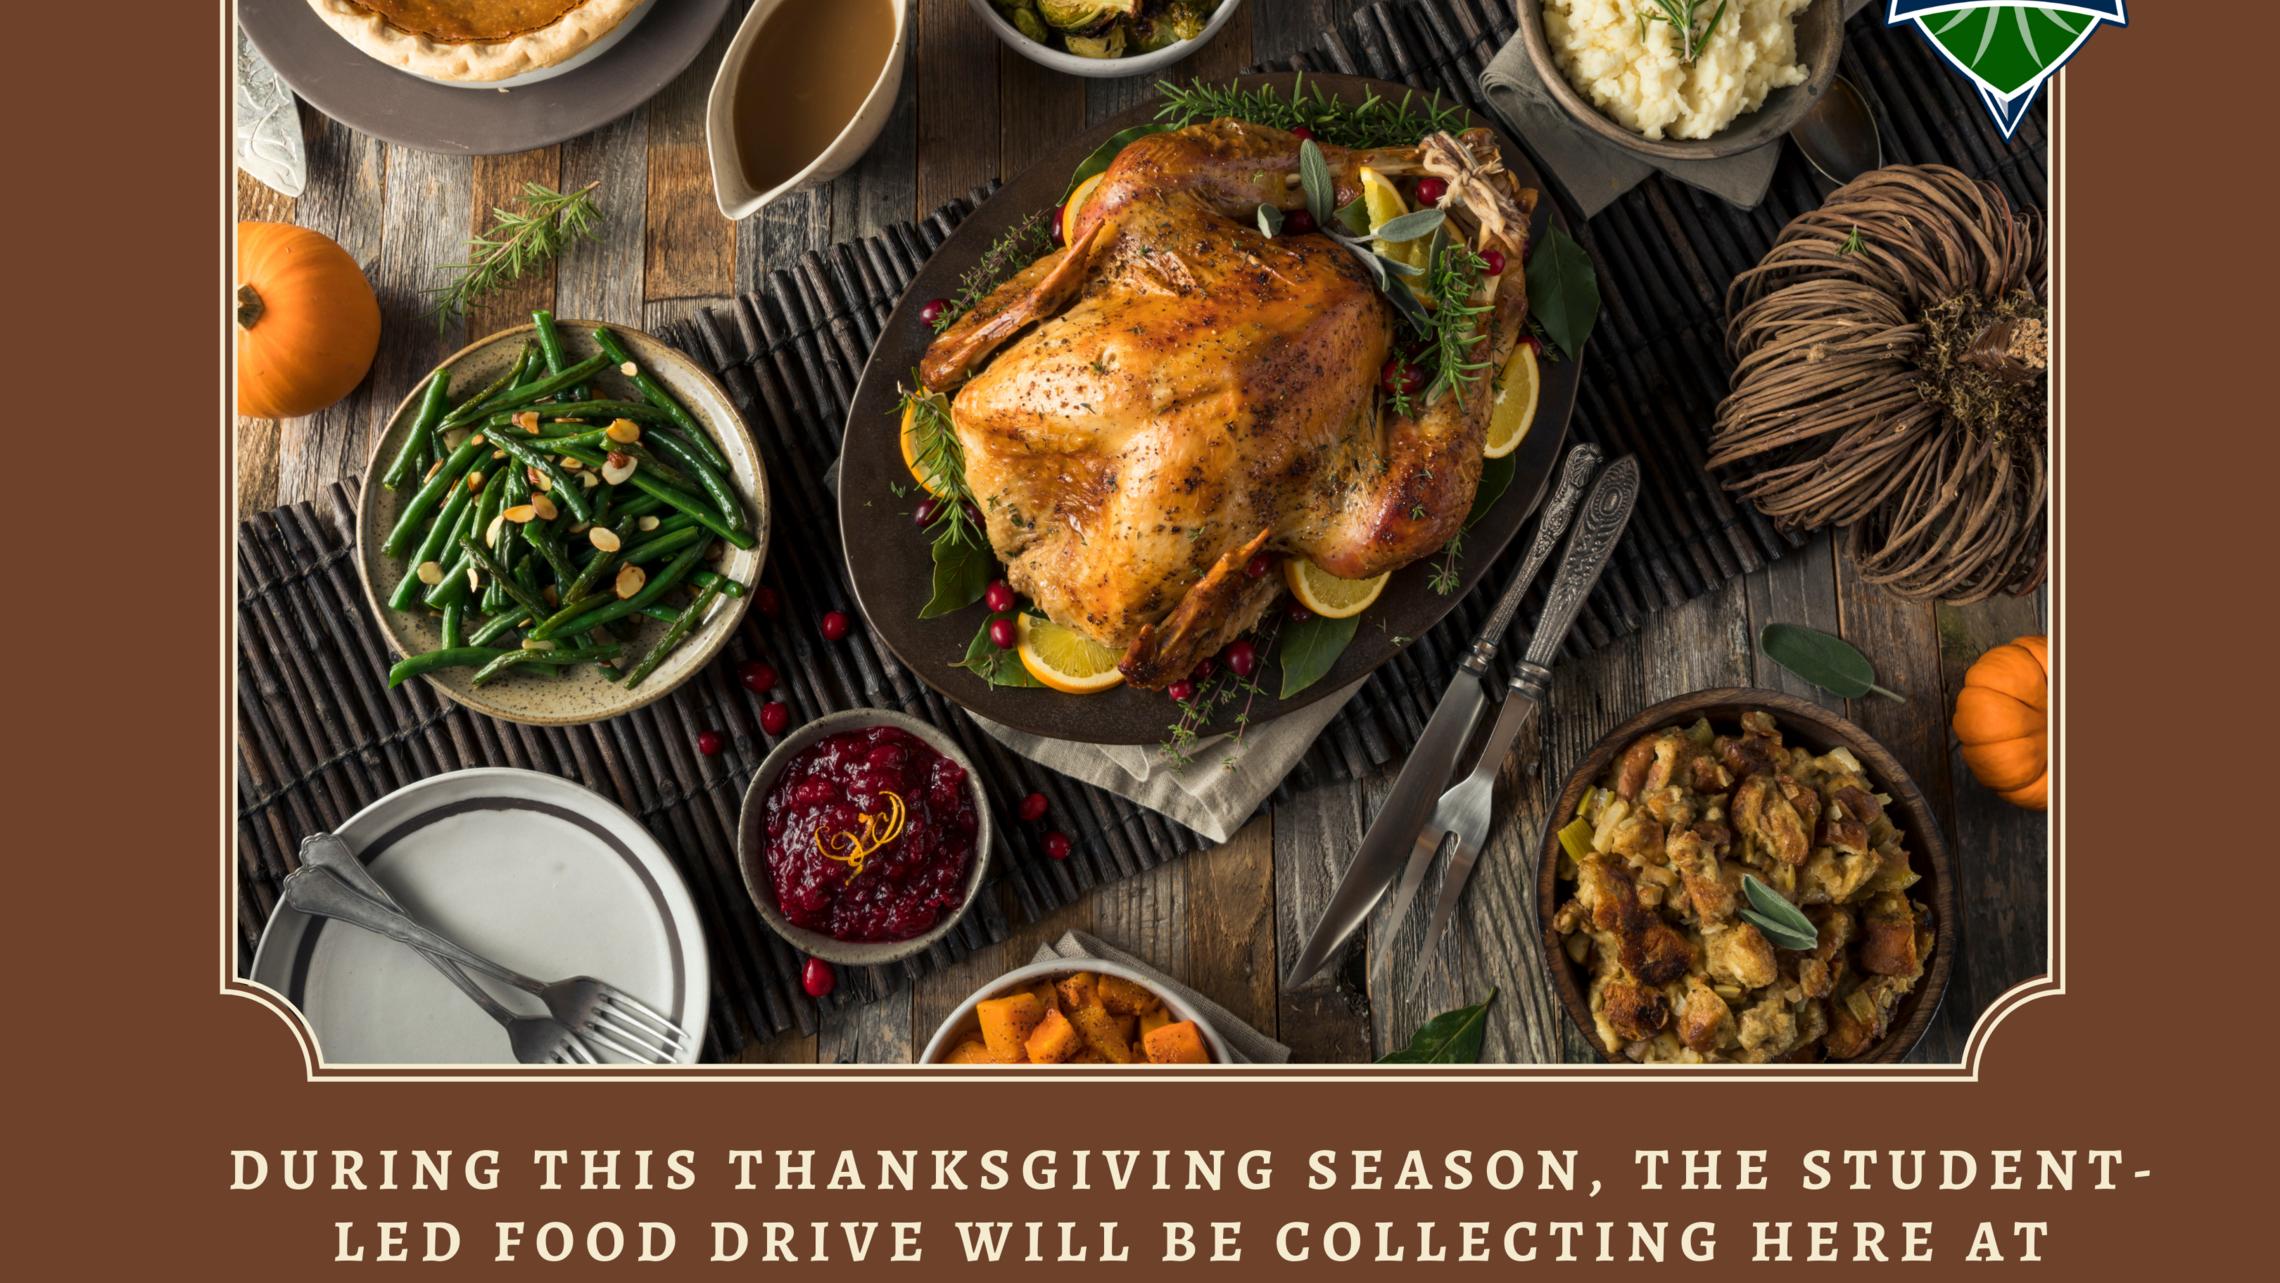 Rustic Thanksgiving Fundraiser Instagram Post